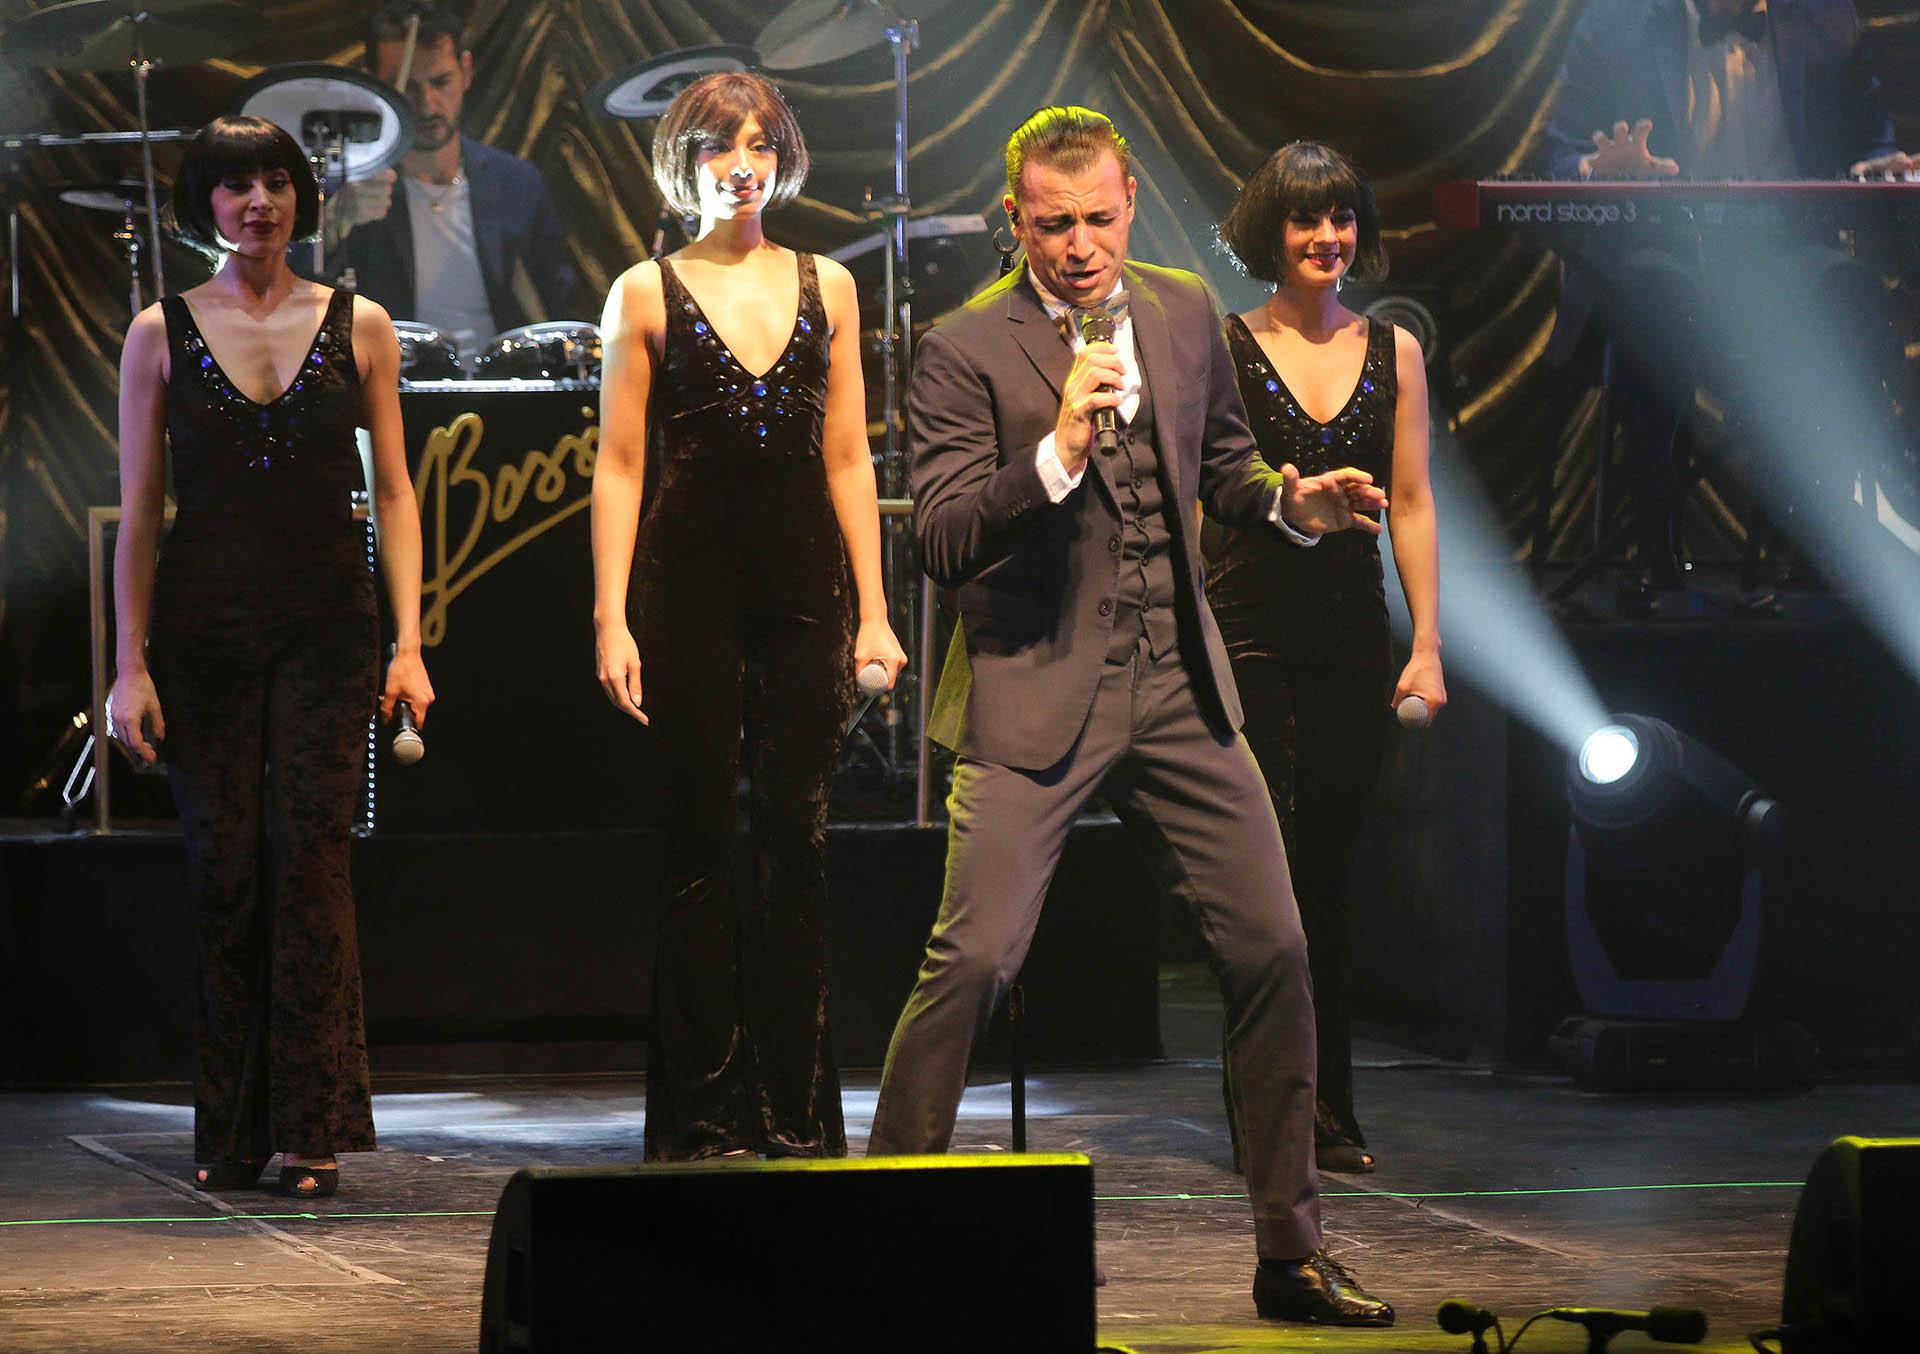 Más de 75.000 espectadores vieron el espectáculo en solo 5 meses en Buenos Aires